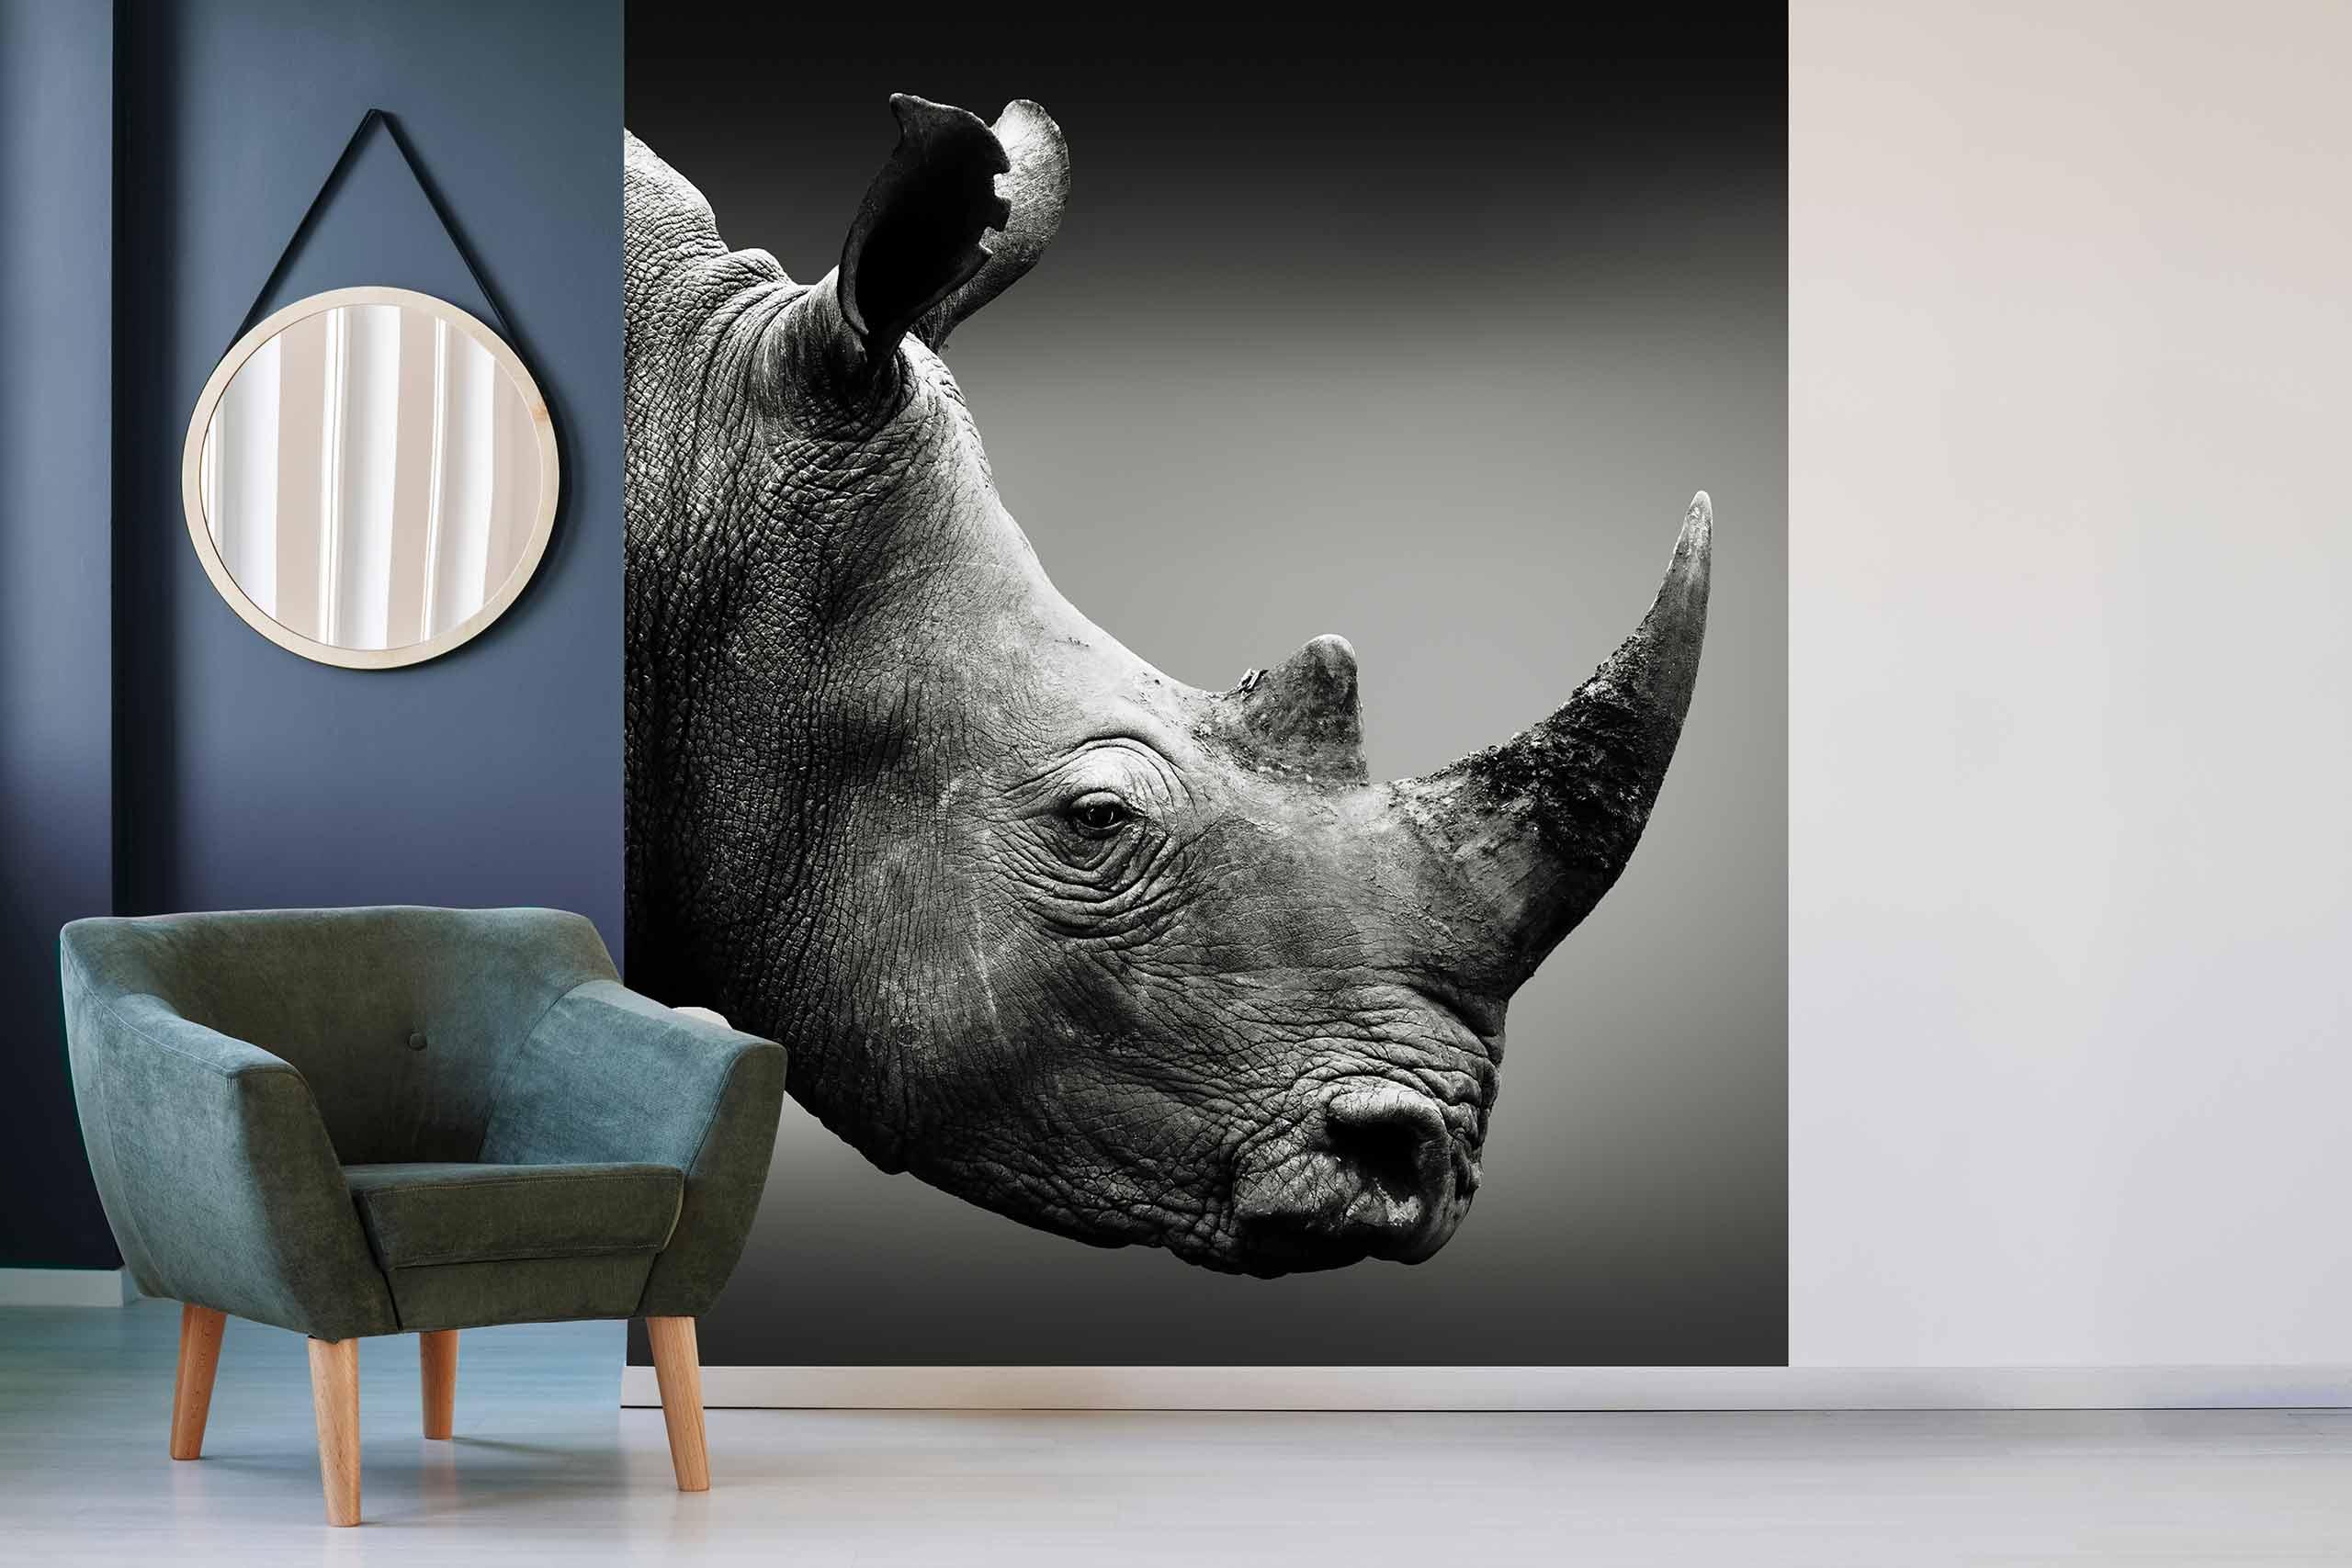 Vlies Tapete 225 Fototapete Höhe 250cm Motiv 136 Nashorn Schwarz-Weiß